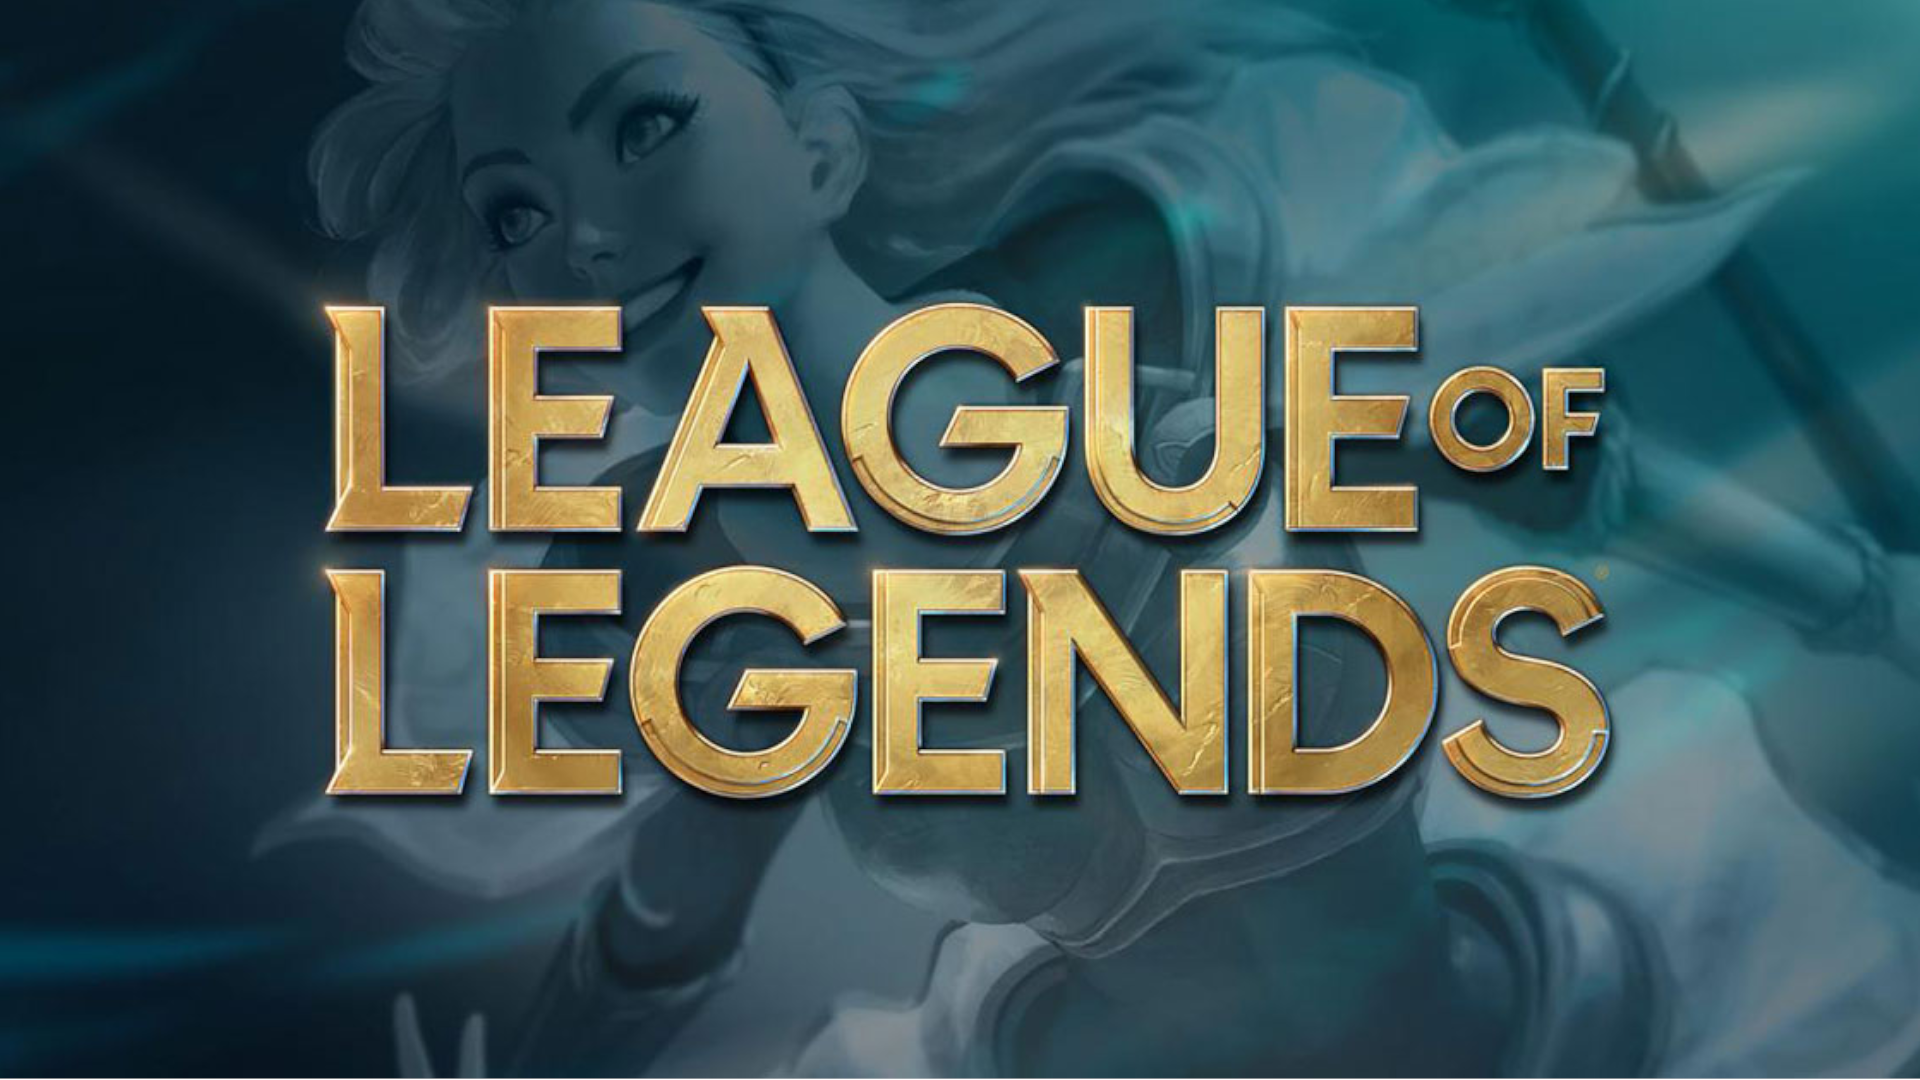 League of Legends foi lançado em 2009 e é um dos jogos online mais jogados (Foto: Divulgação/Riot Games)